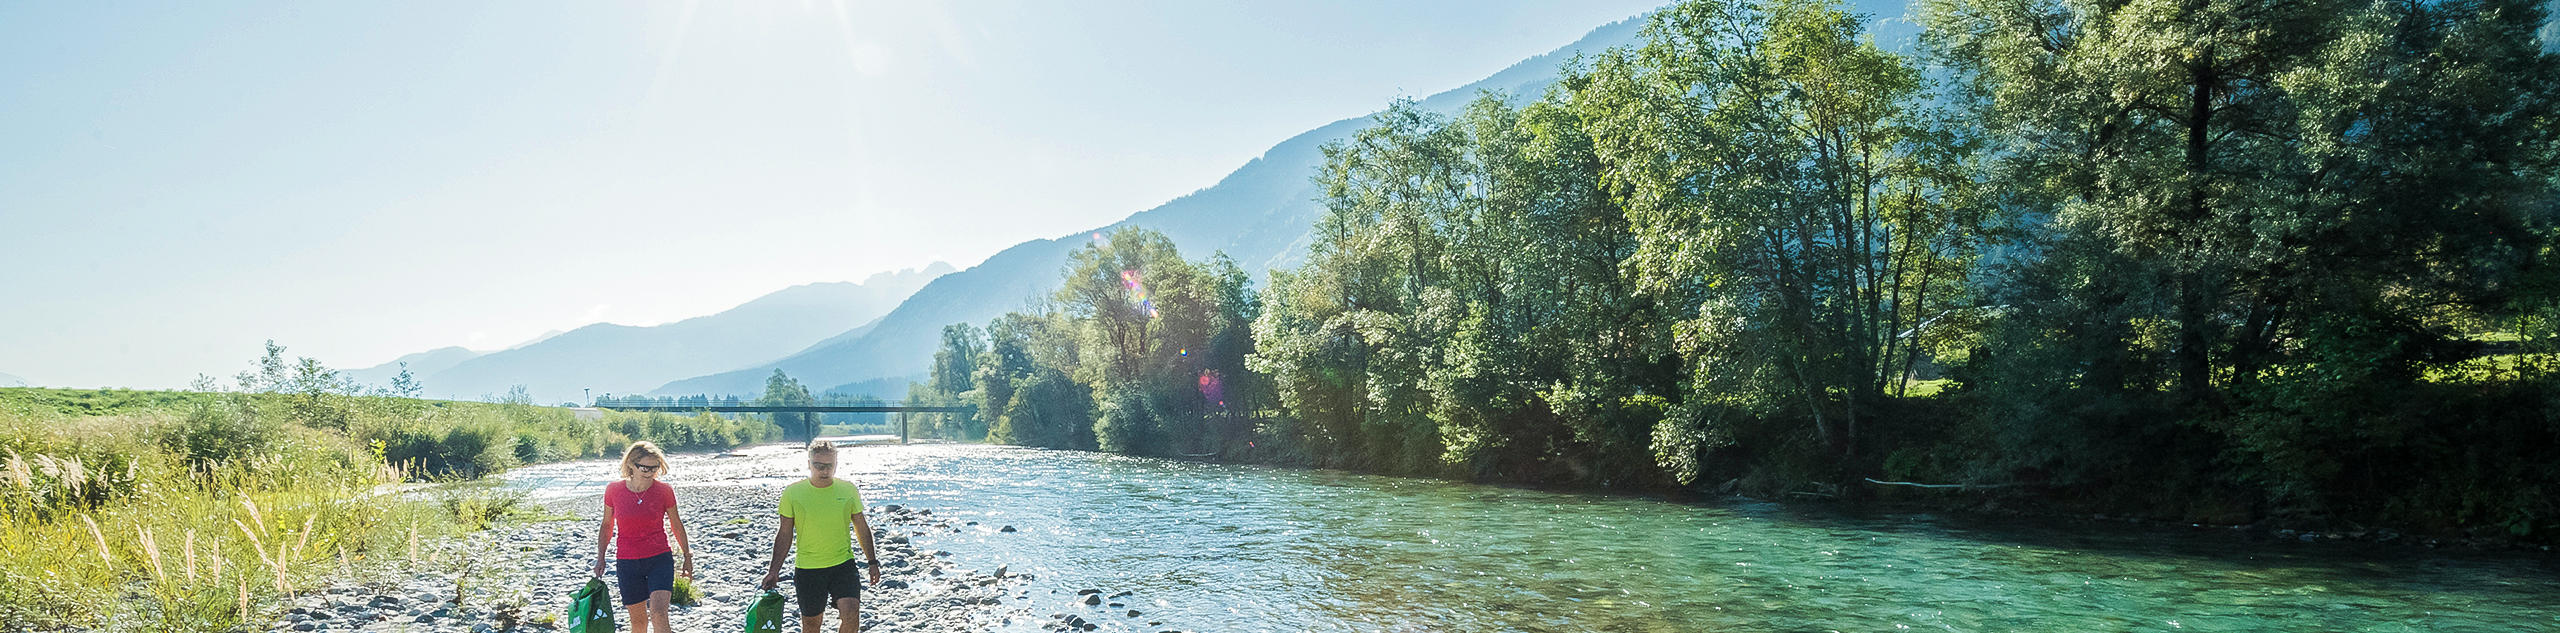 Shortened Dolomites to Lake Wörthersee Bike Tour